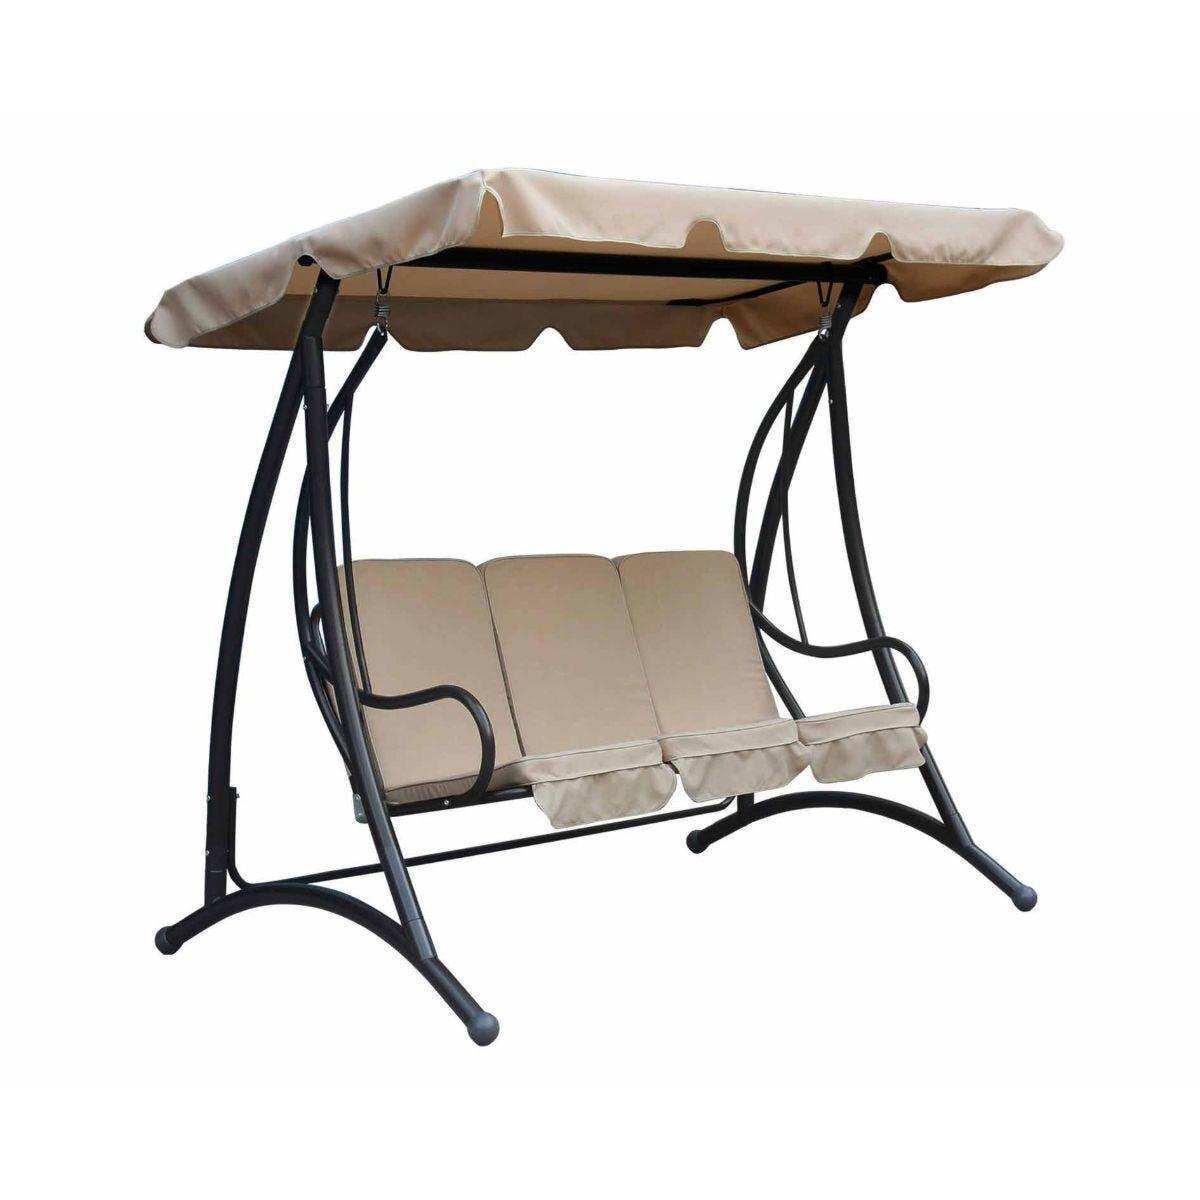 Charles Bentley Premium Canopy Garden Swing Seat